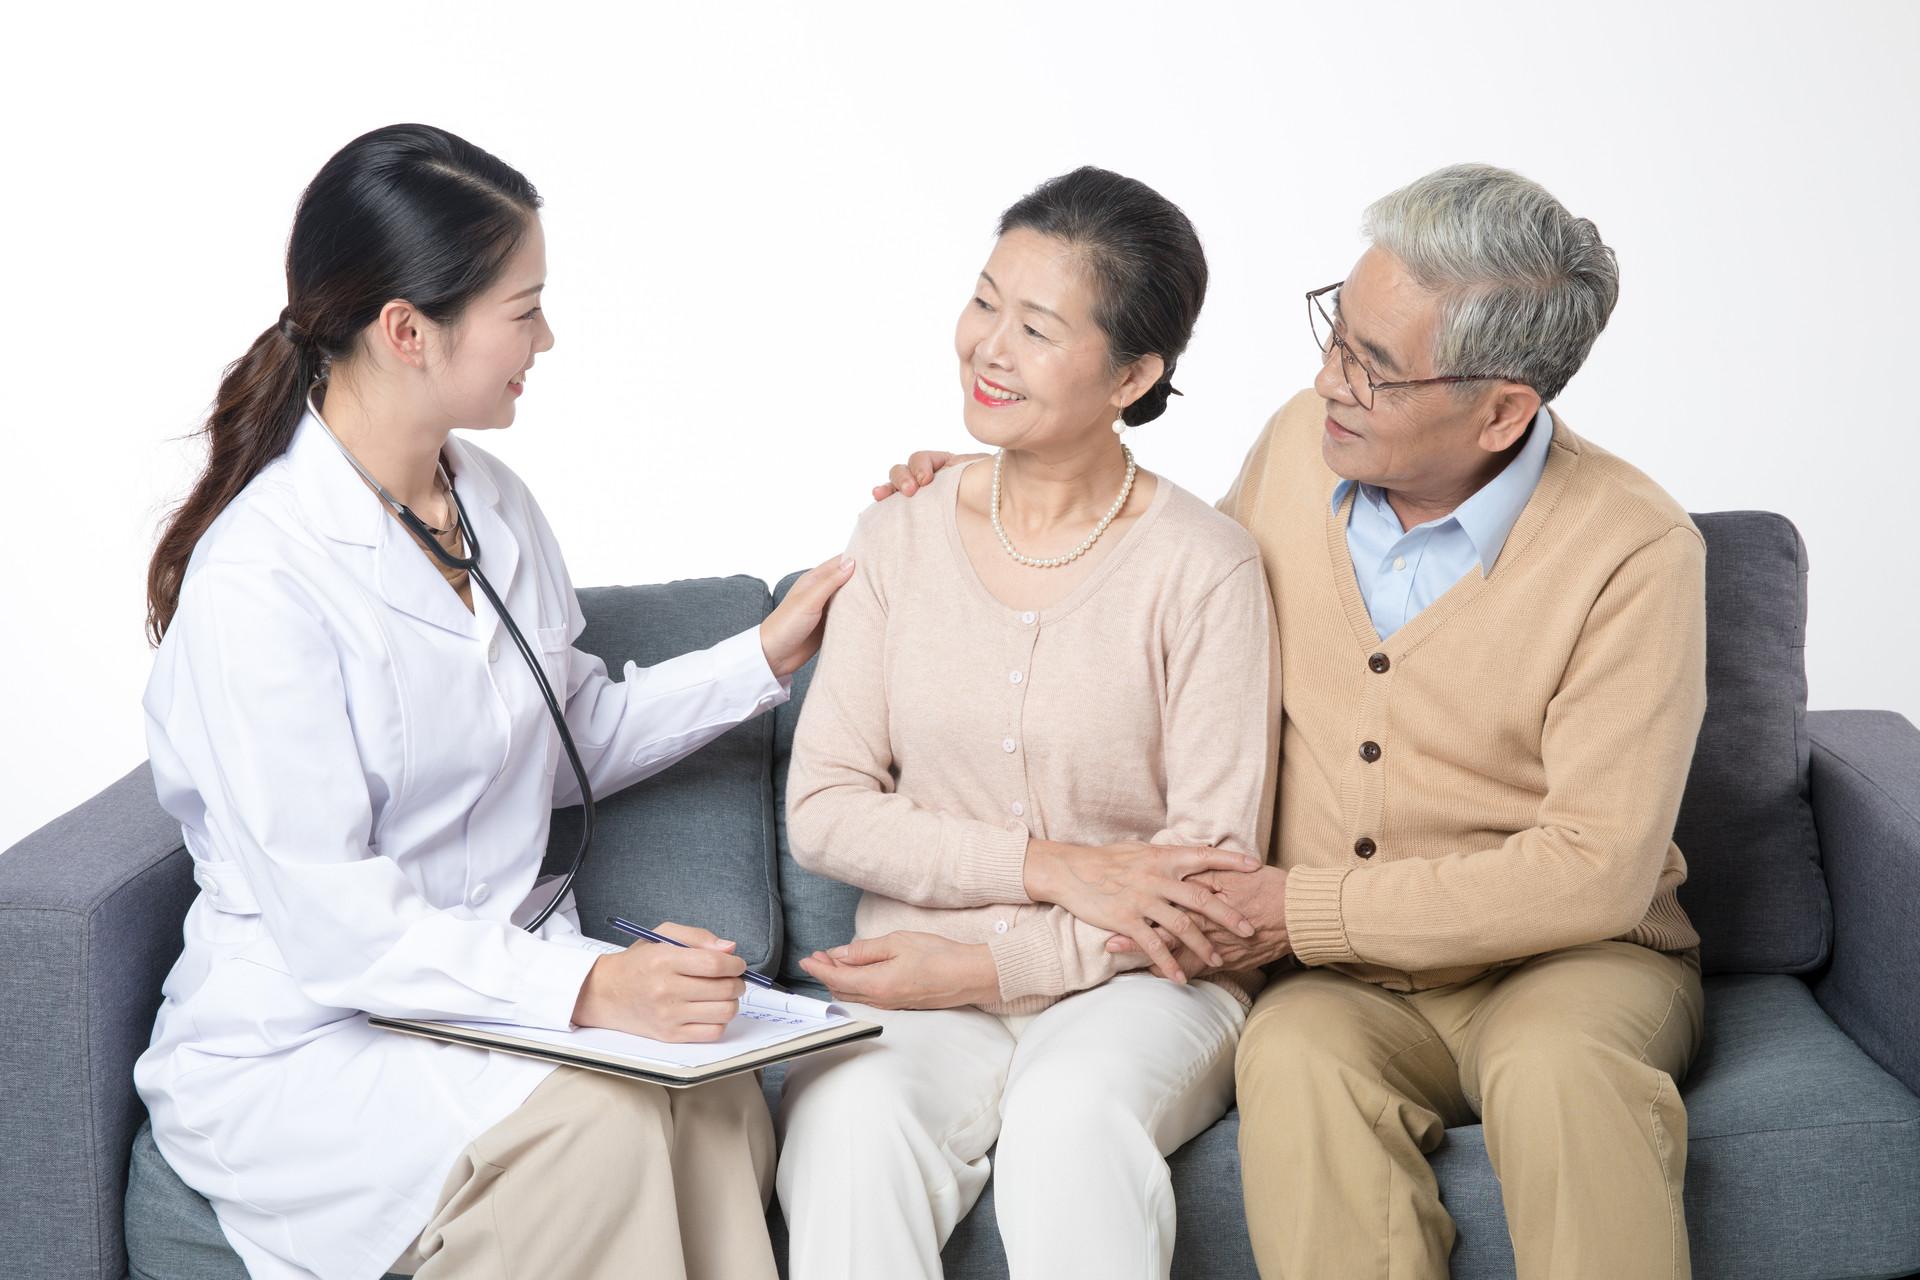 窦性心律不齐如何保养?有效治疗方法是什么?